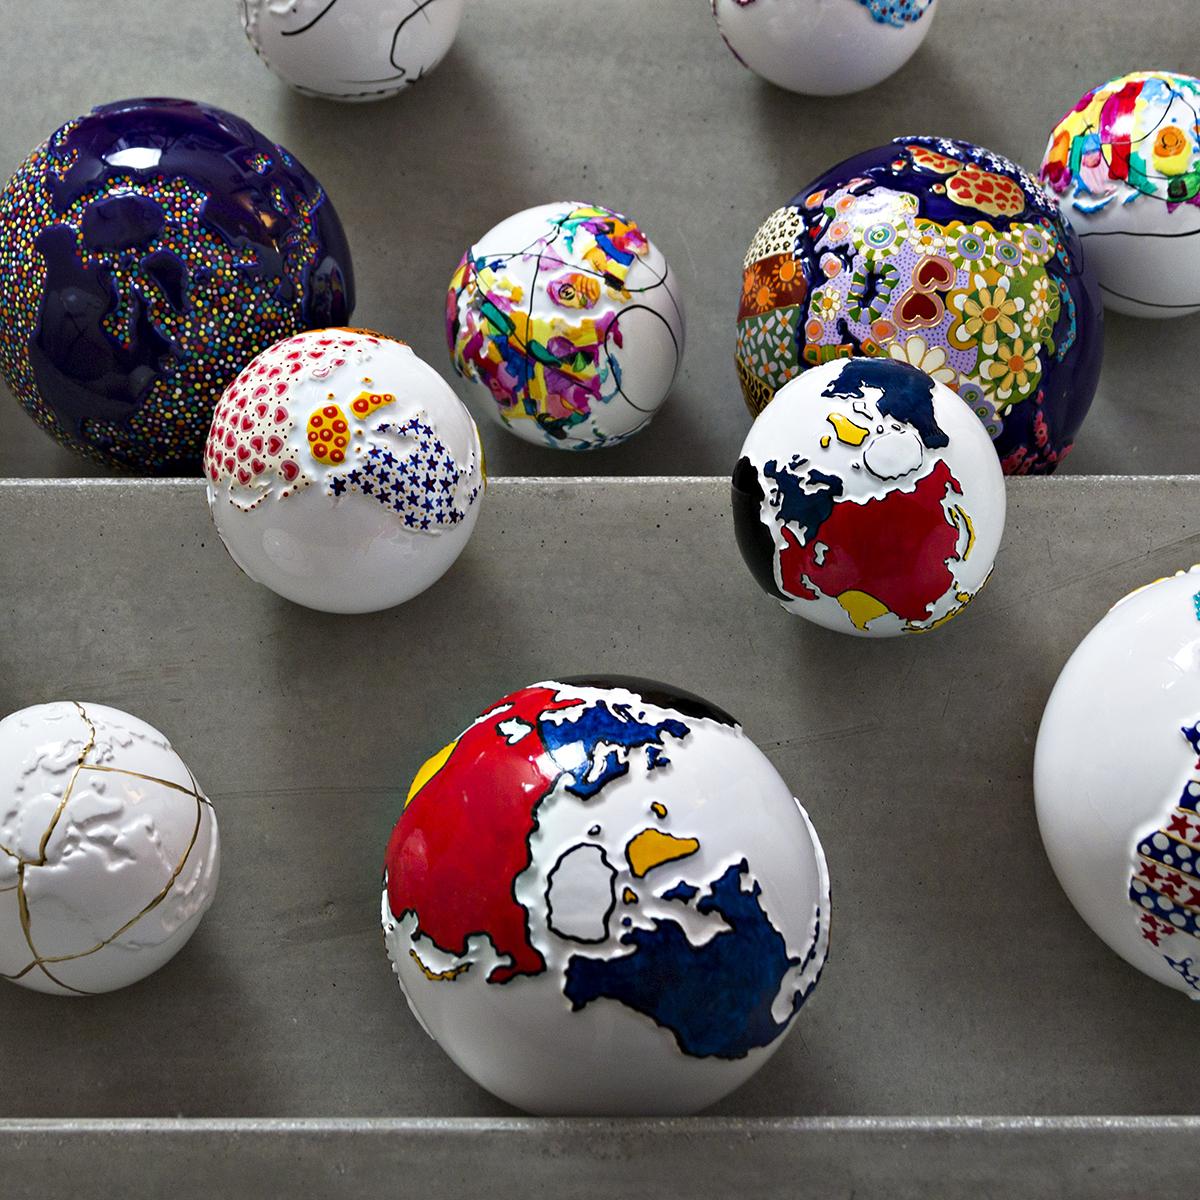 sfere in ceramica decorate a mano secondo lo stile mondrian